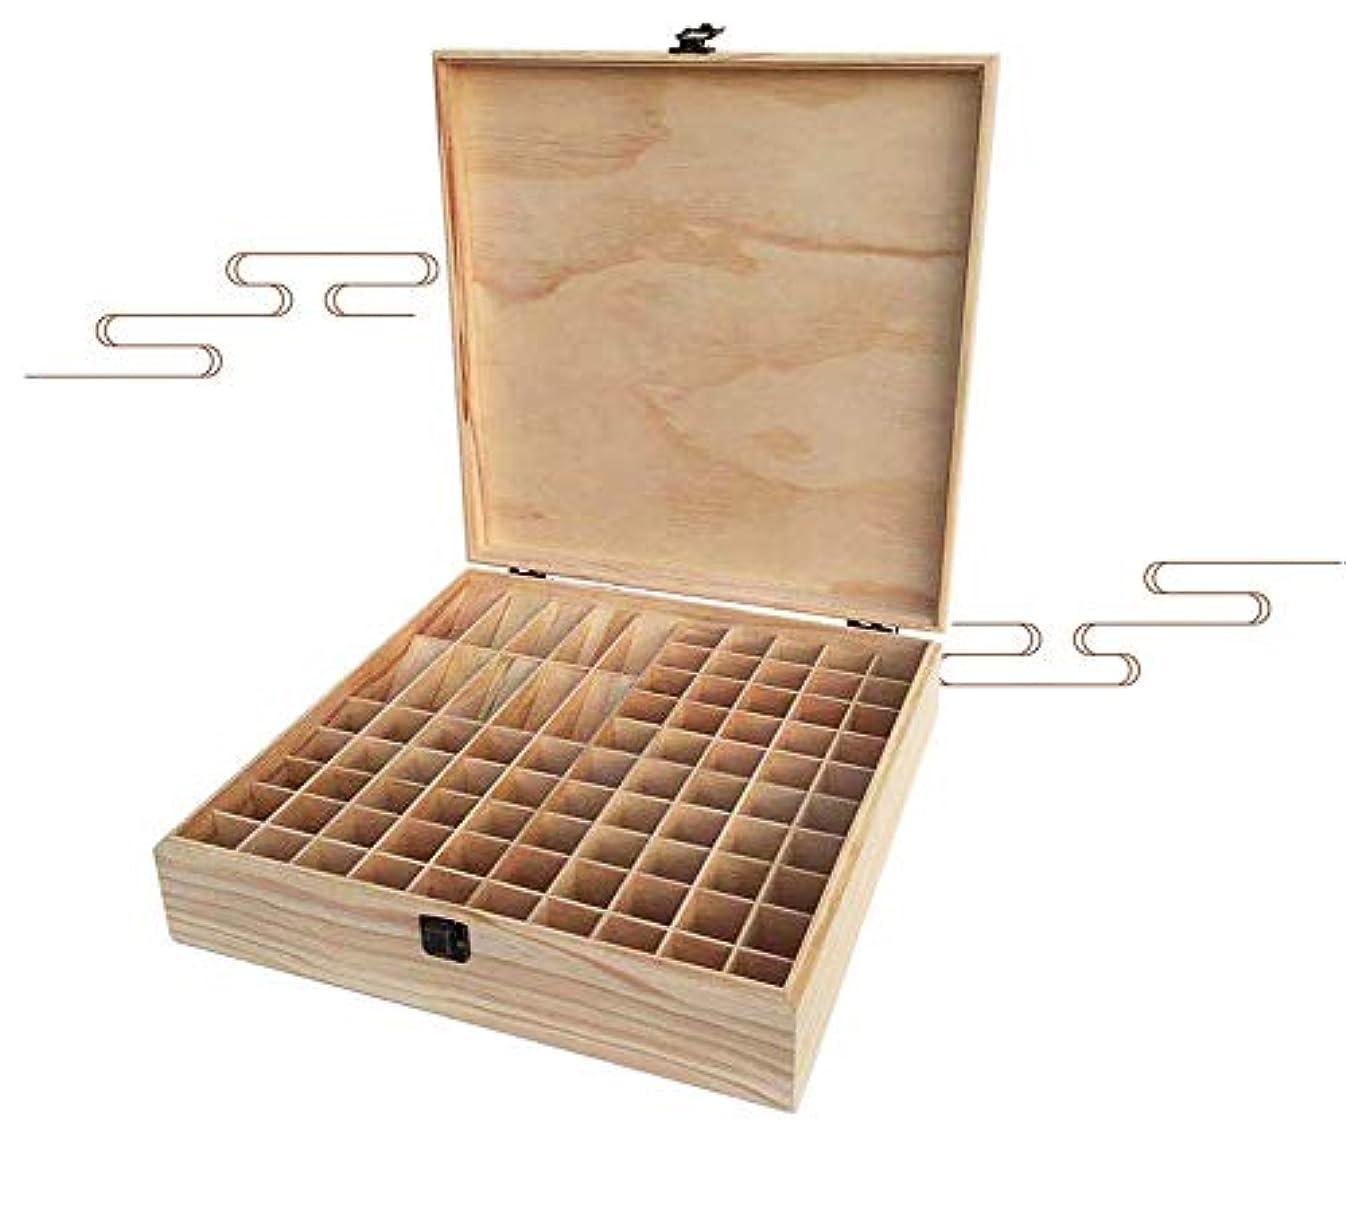 エッセンシャルオイル収納ボックス 85本用 木製エッセンシャルオイルボックス メイクポーチ 精油収納ケース 携帯用 自然ウッド精油収納ボックス 香水収納ケース